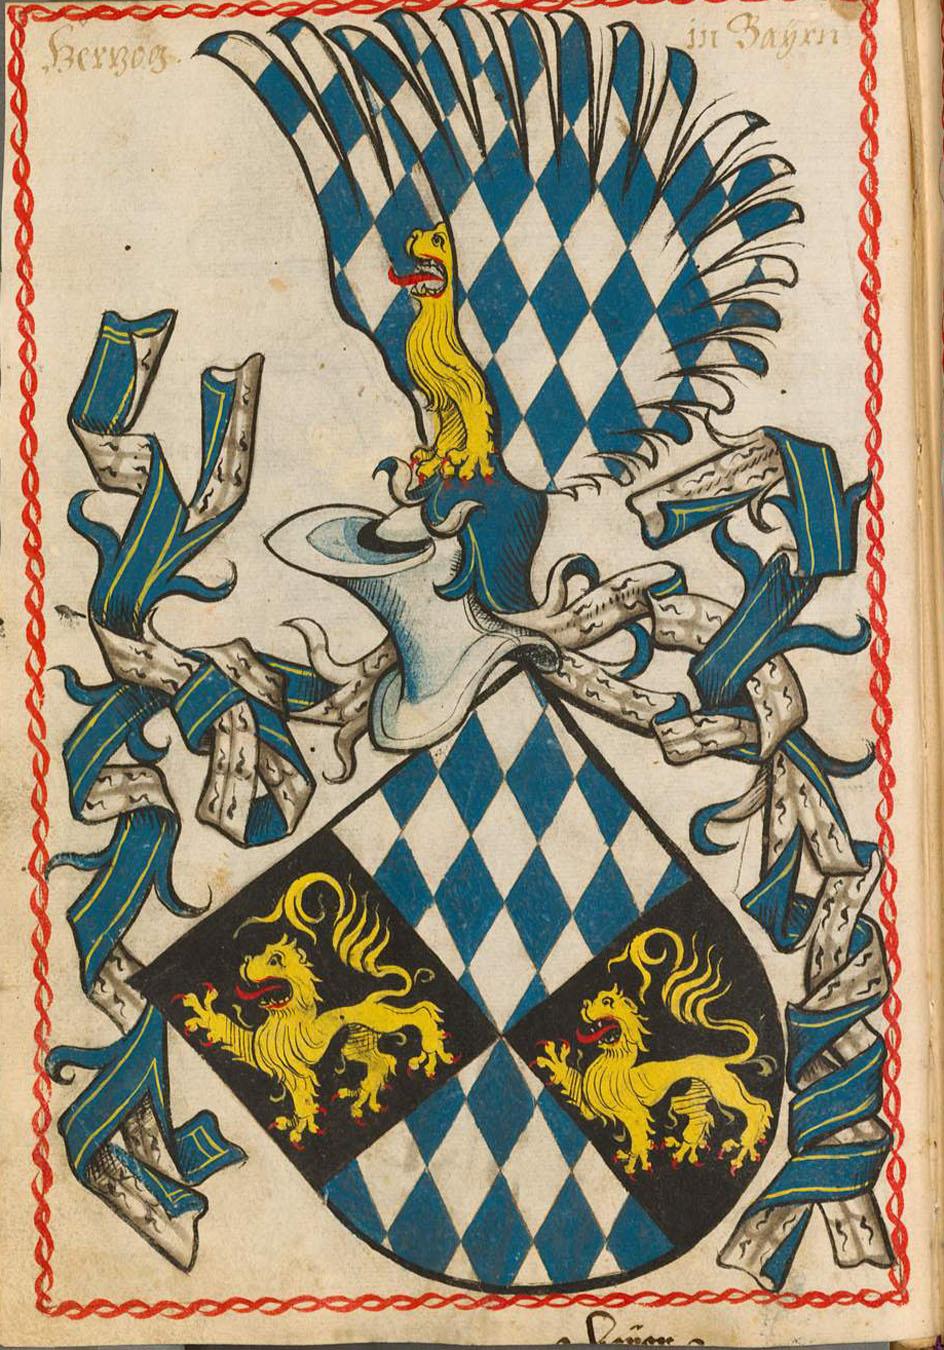 herzog_in_bayern-scheibler6ps.jpg